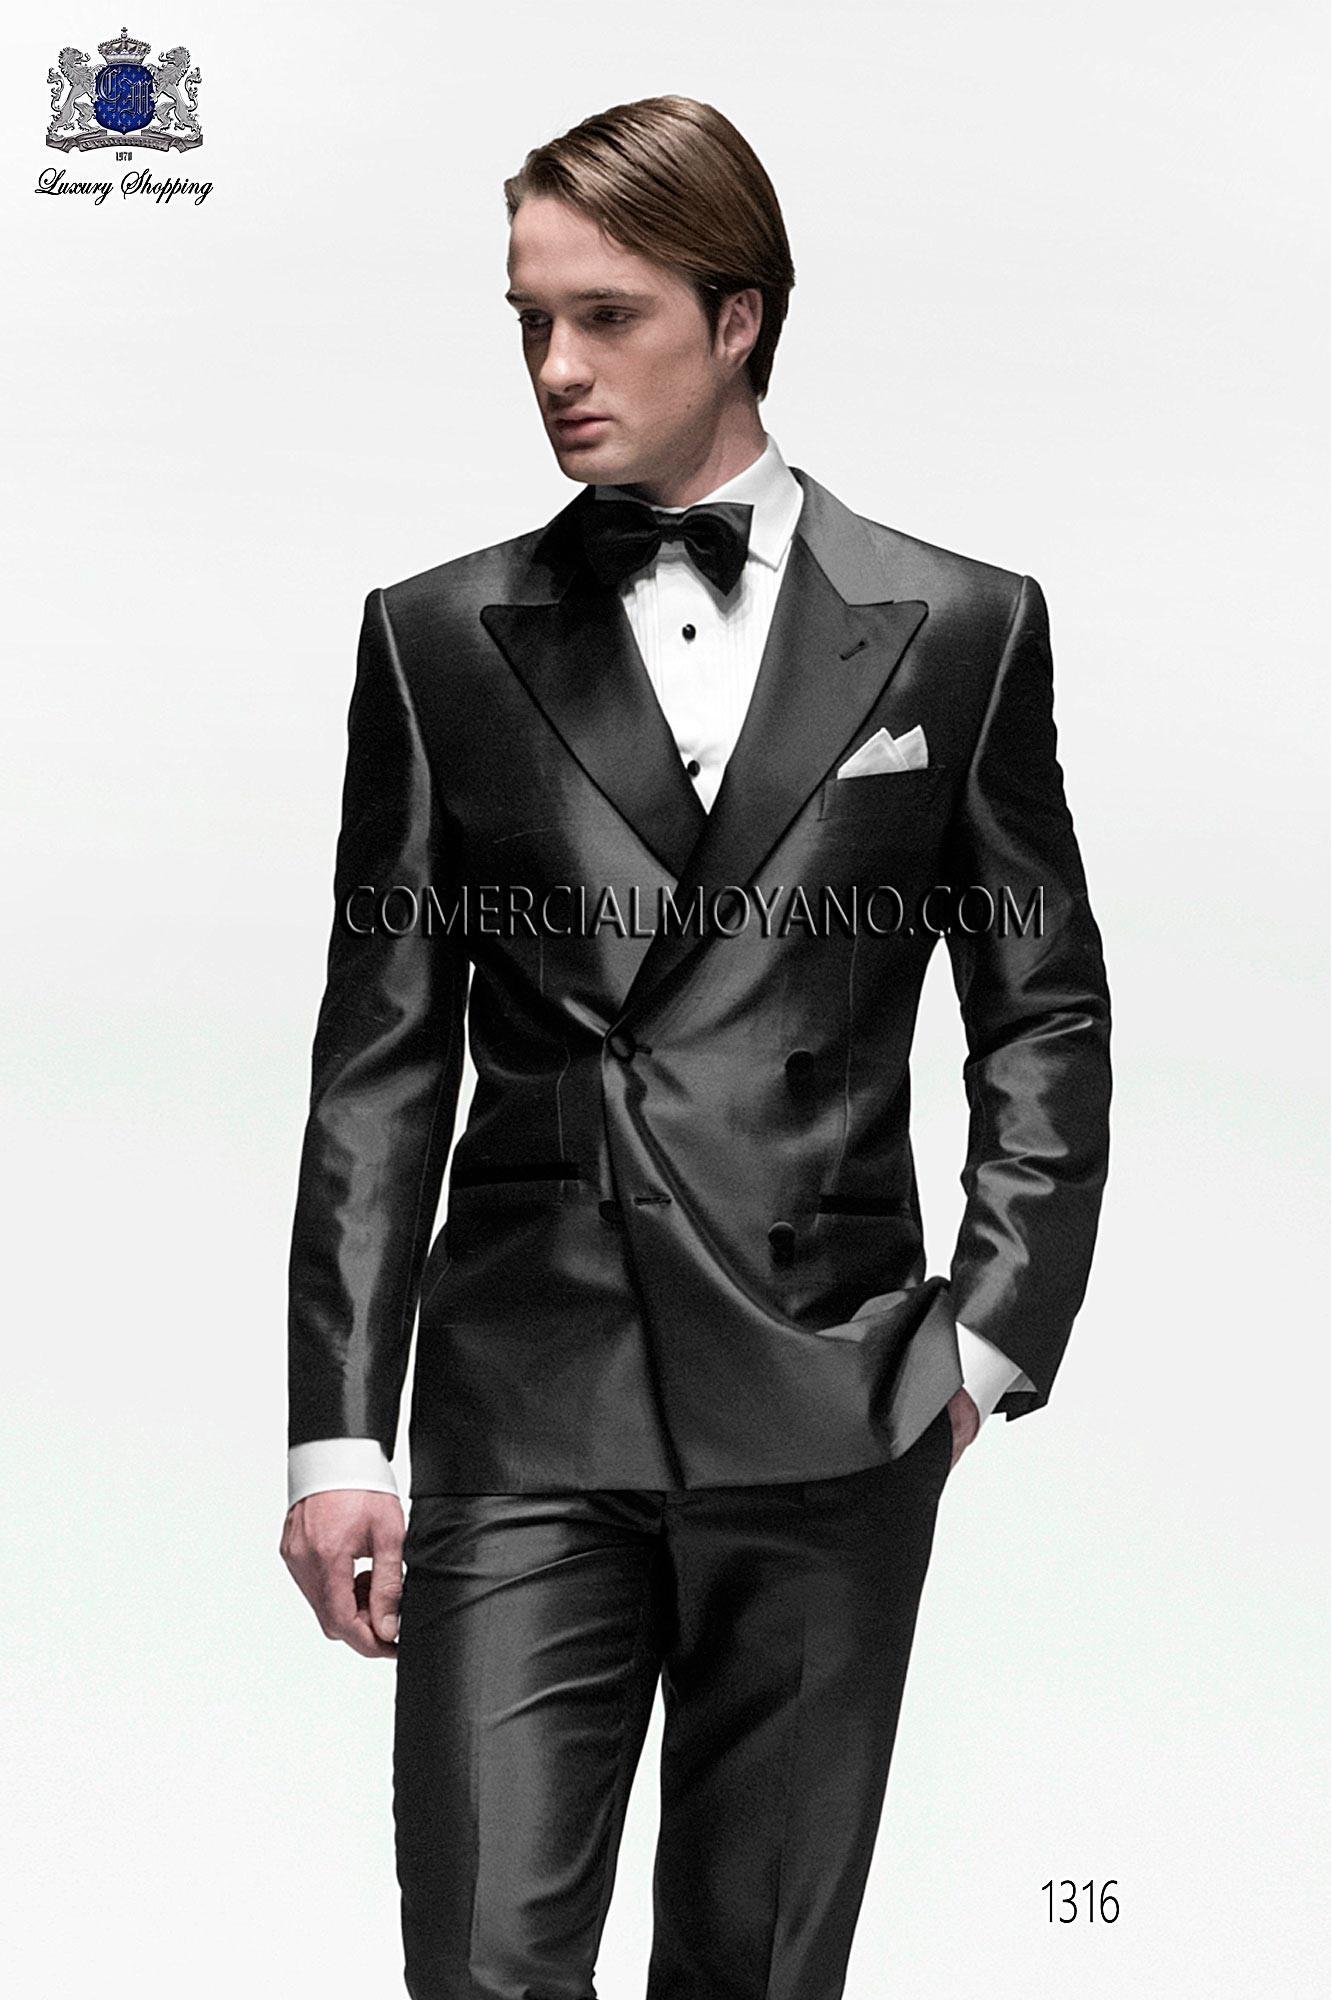 Traje BlackTie de novio gris modelo: 1316 Ottavio Nuccio Gala colección Black Tie